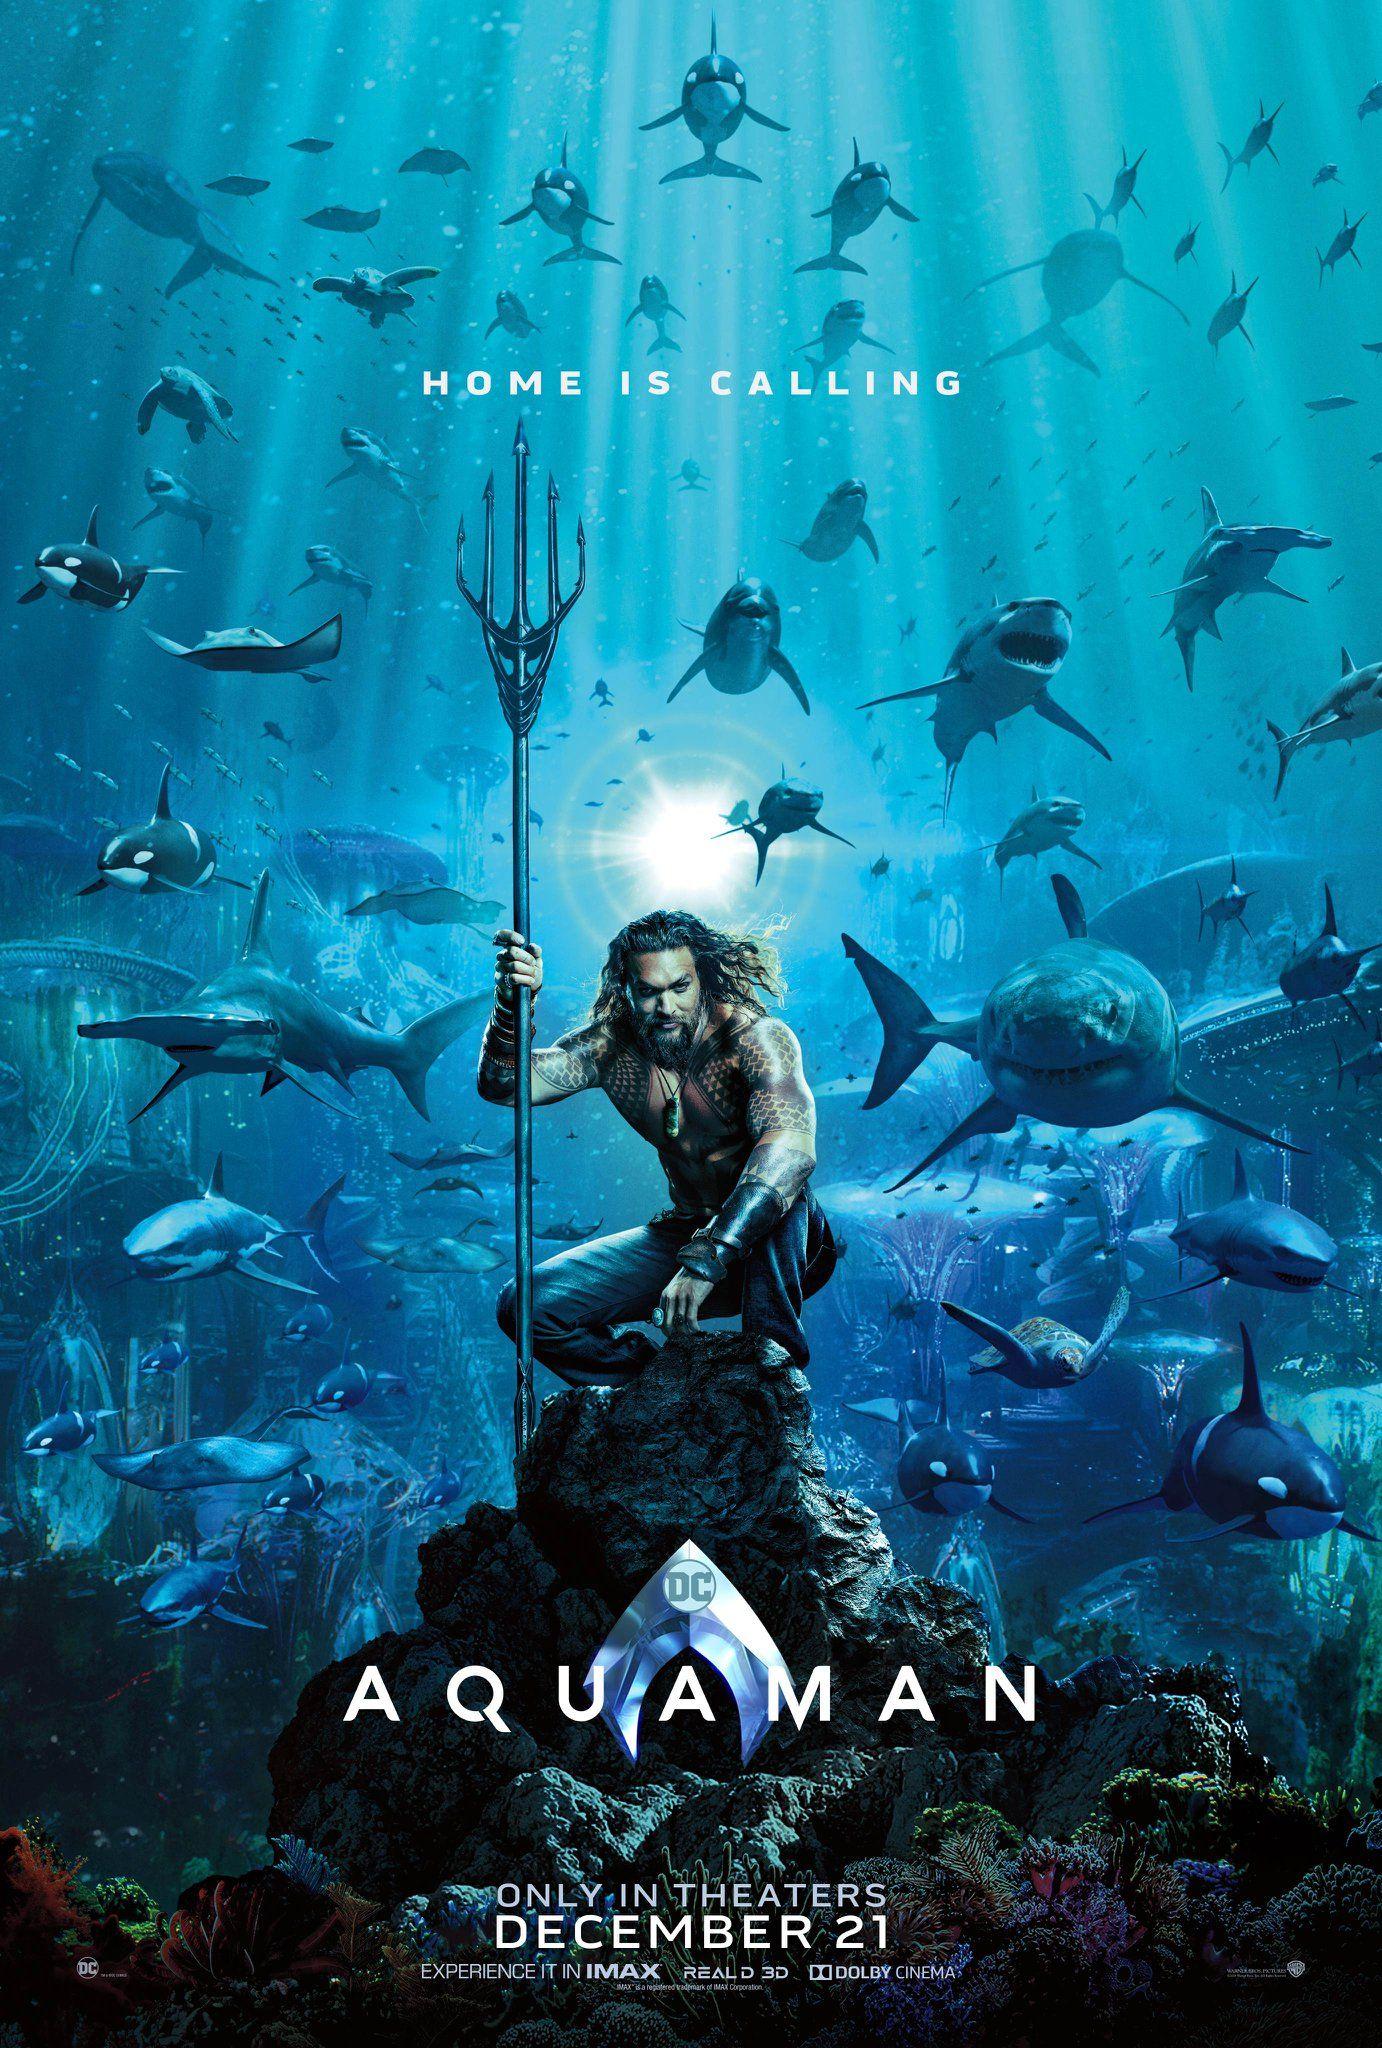 Aquaman Review Aquaman film, Aquaman 2018, Aquaman